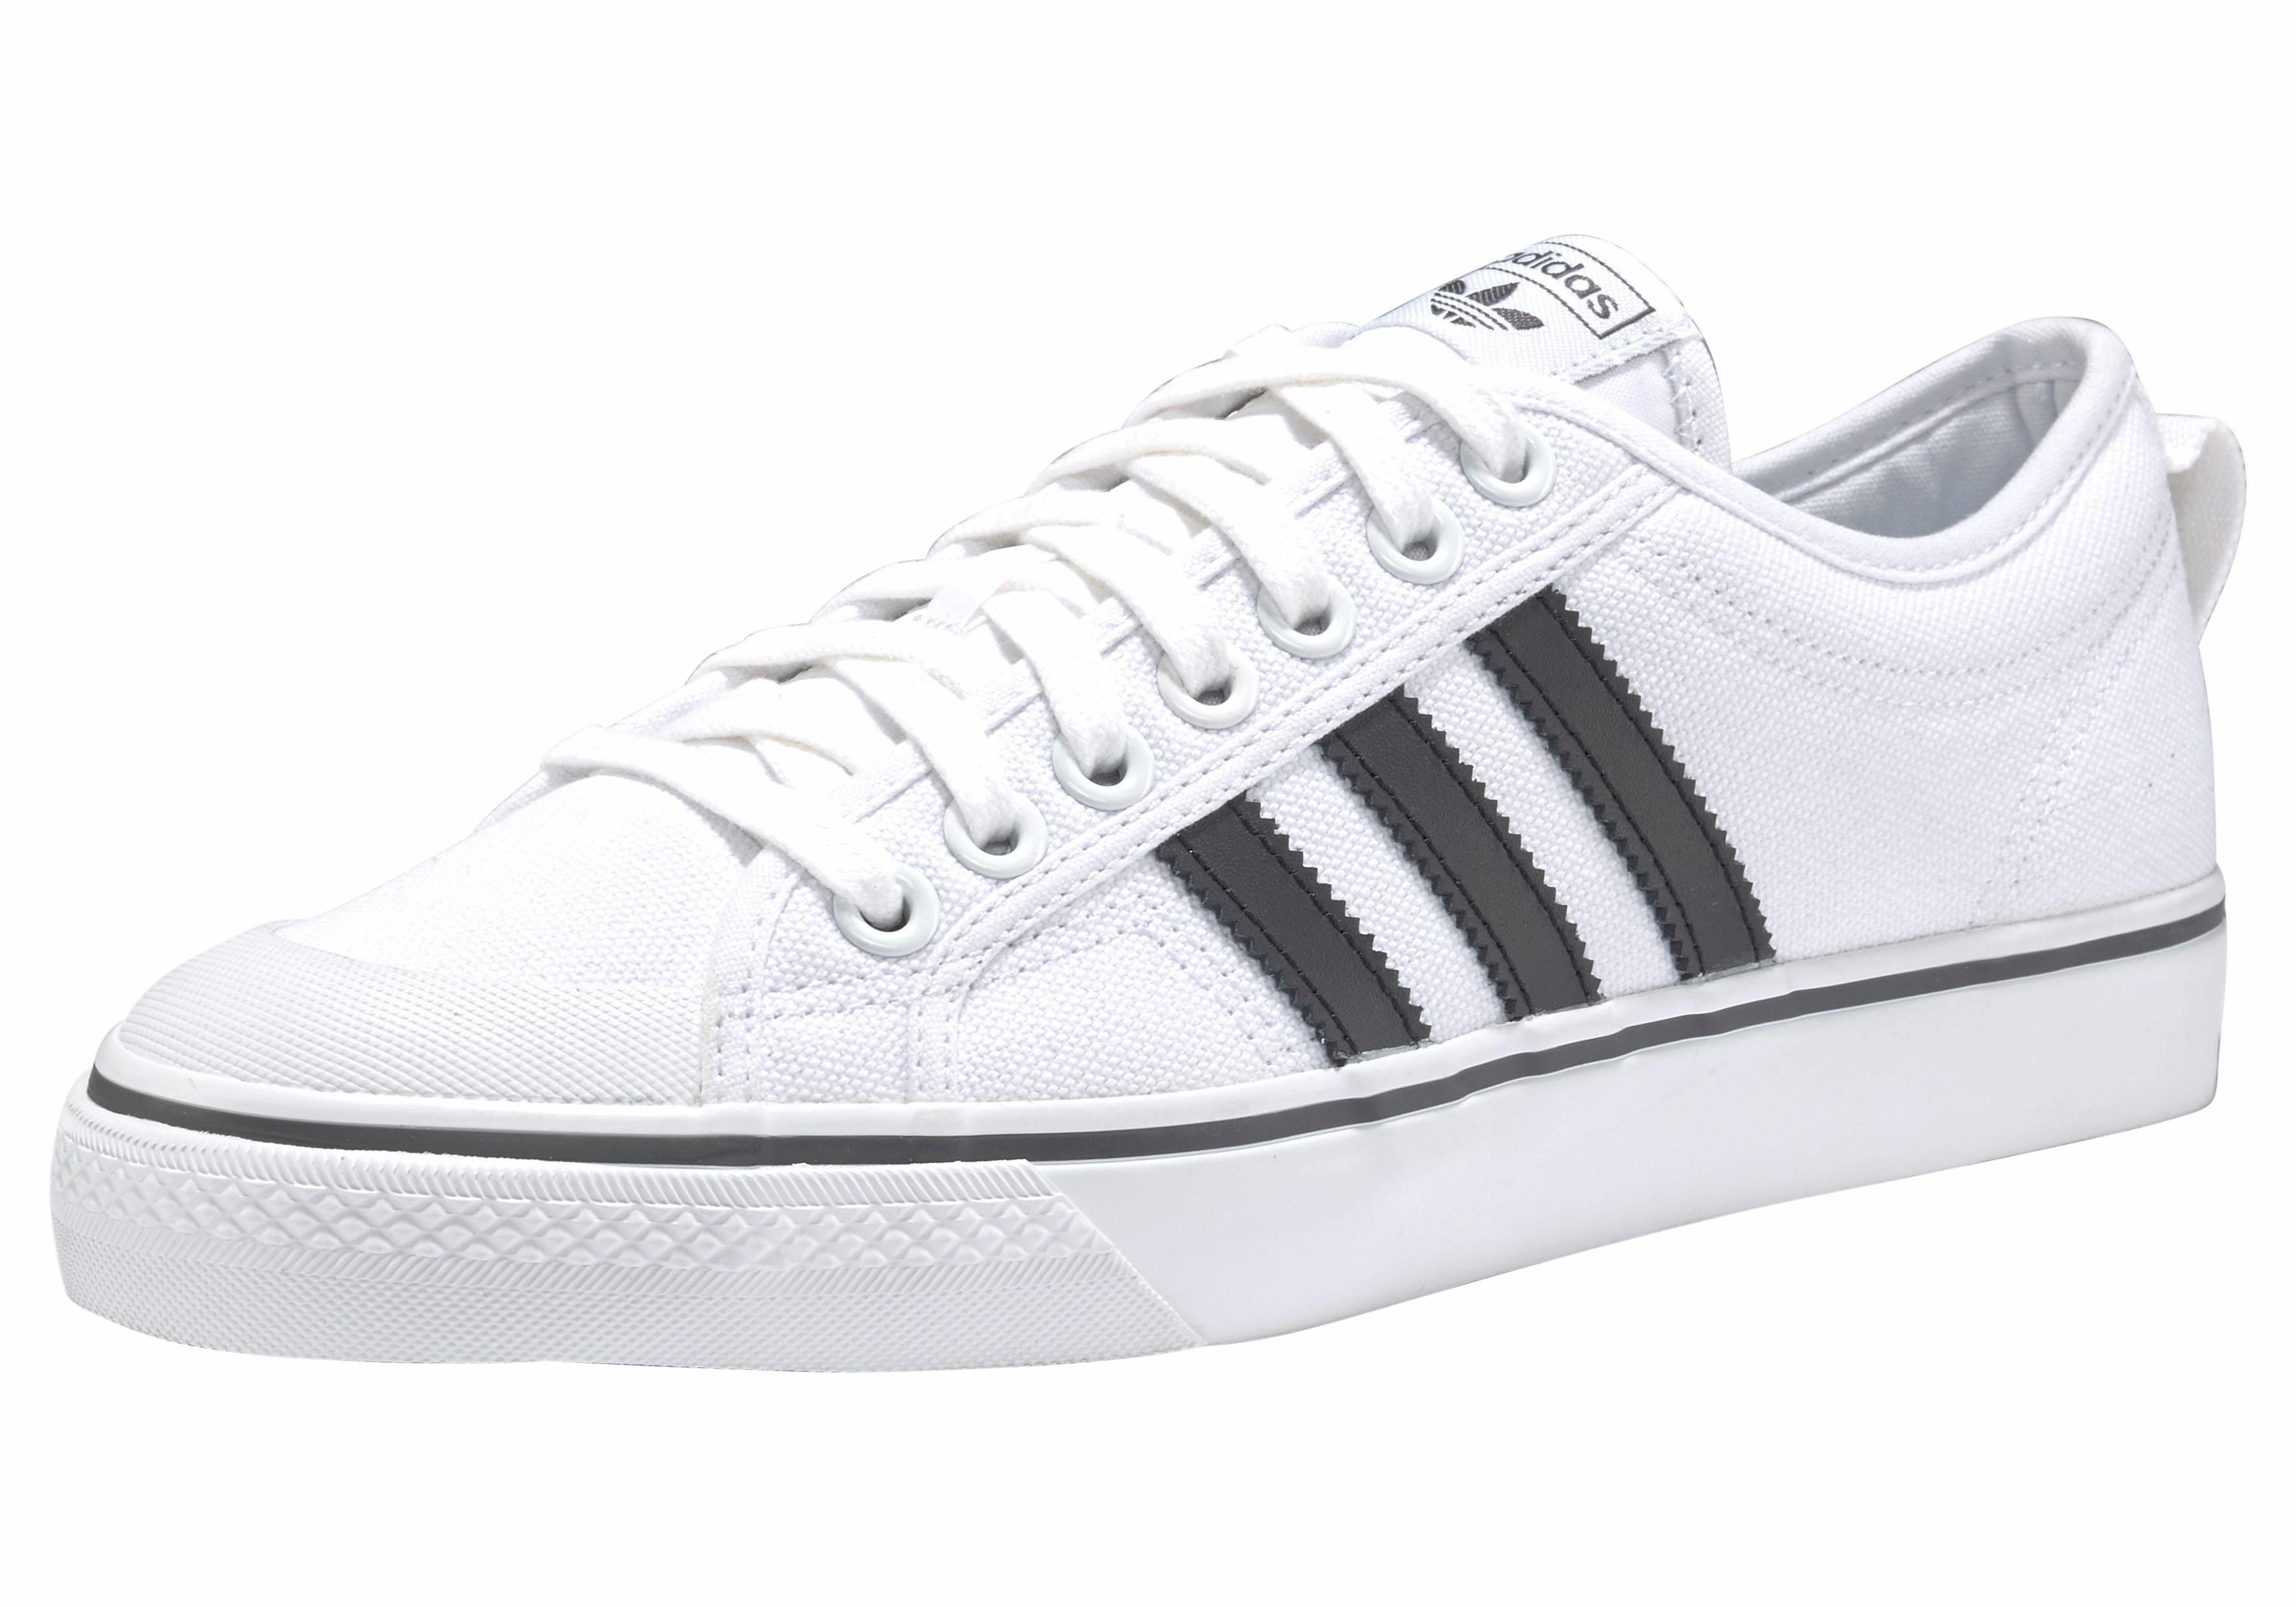 09454483710 Sneakers online kopen? Grote collectie | OTTO